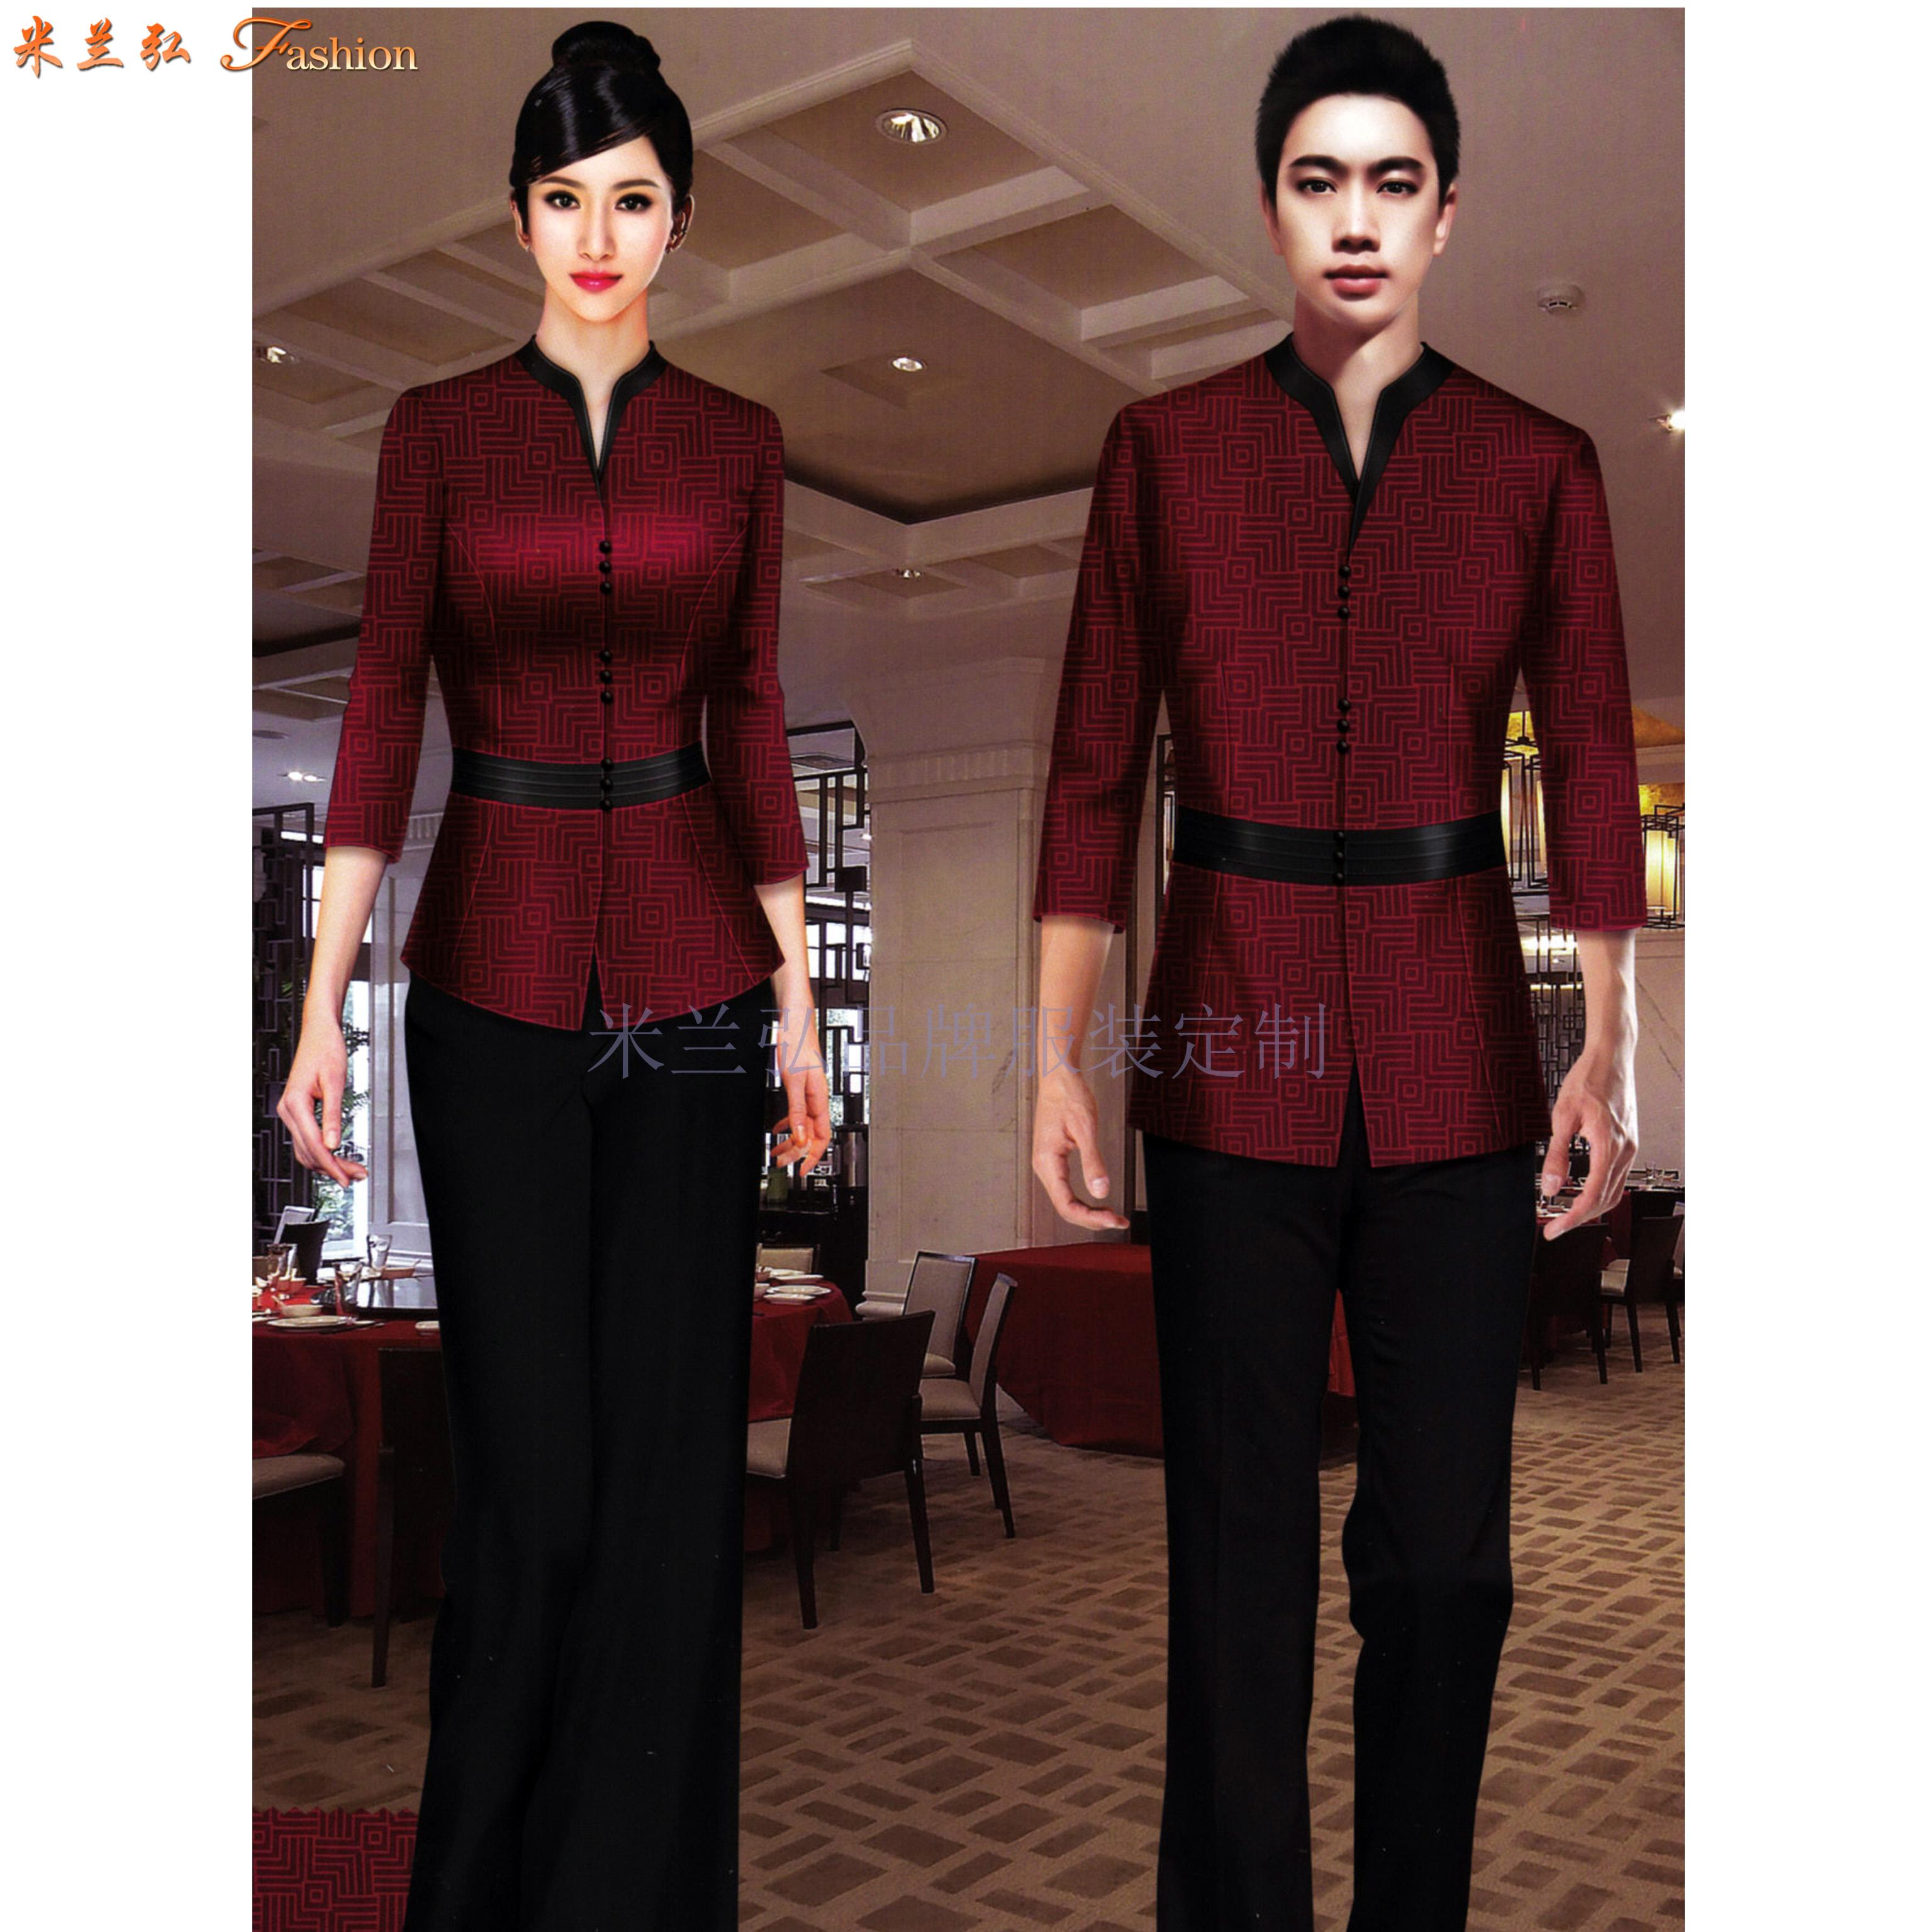 「廊坊酒店服裝定做」推薦設計制作五星酒店制服十年廠家-米蘭弘-1